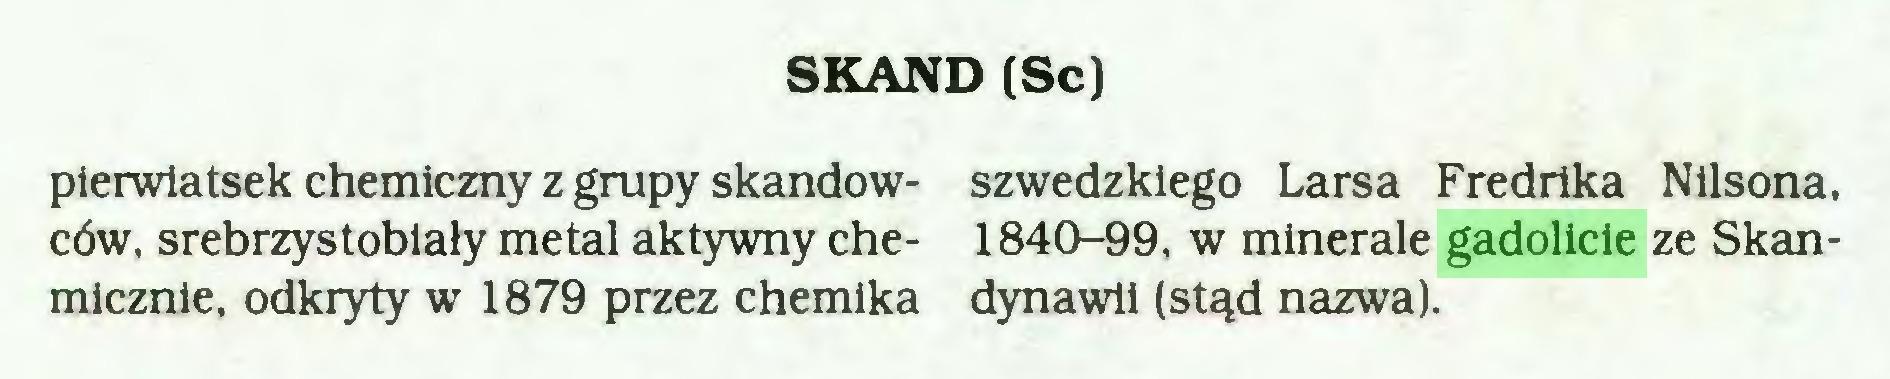 (...) SKAND (Sc) pierwiatsek chemiczny z grupy skandów- szwedzkiego Larsa Fredrika Nilsona, ców, srebrzystobiały metal aktywny che- 1840-99, w minerale gadolicie ze Skanmicznie, odkryty w 1879 przez chemika dynawii (stąd nazwa)...